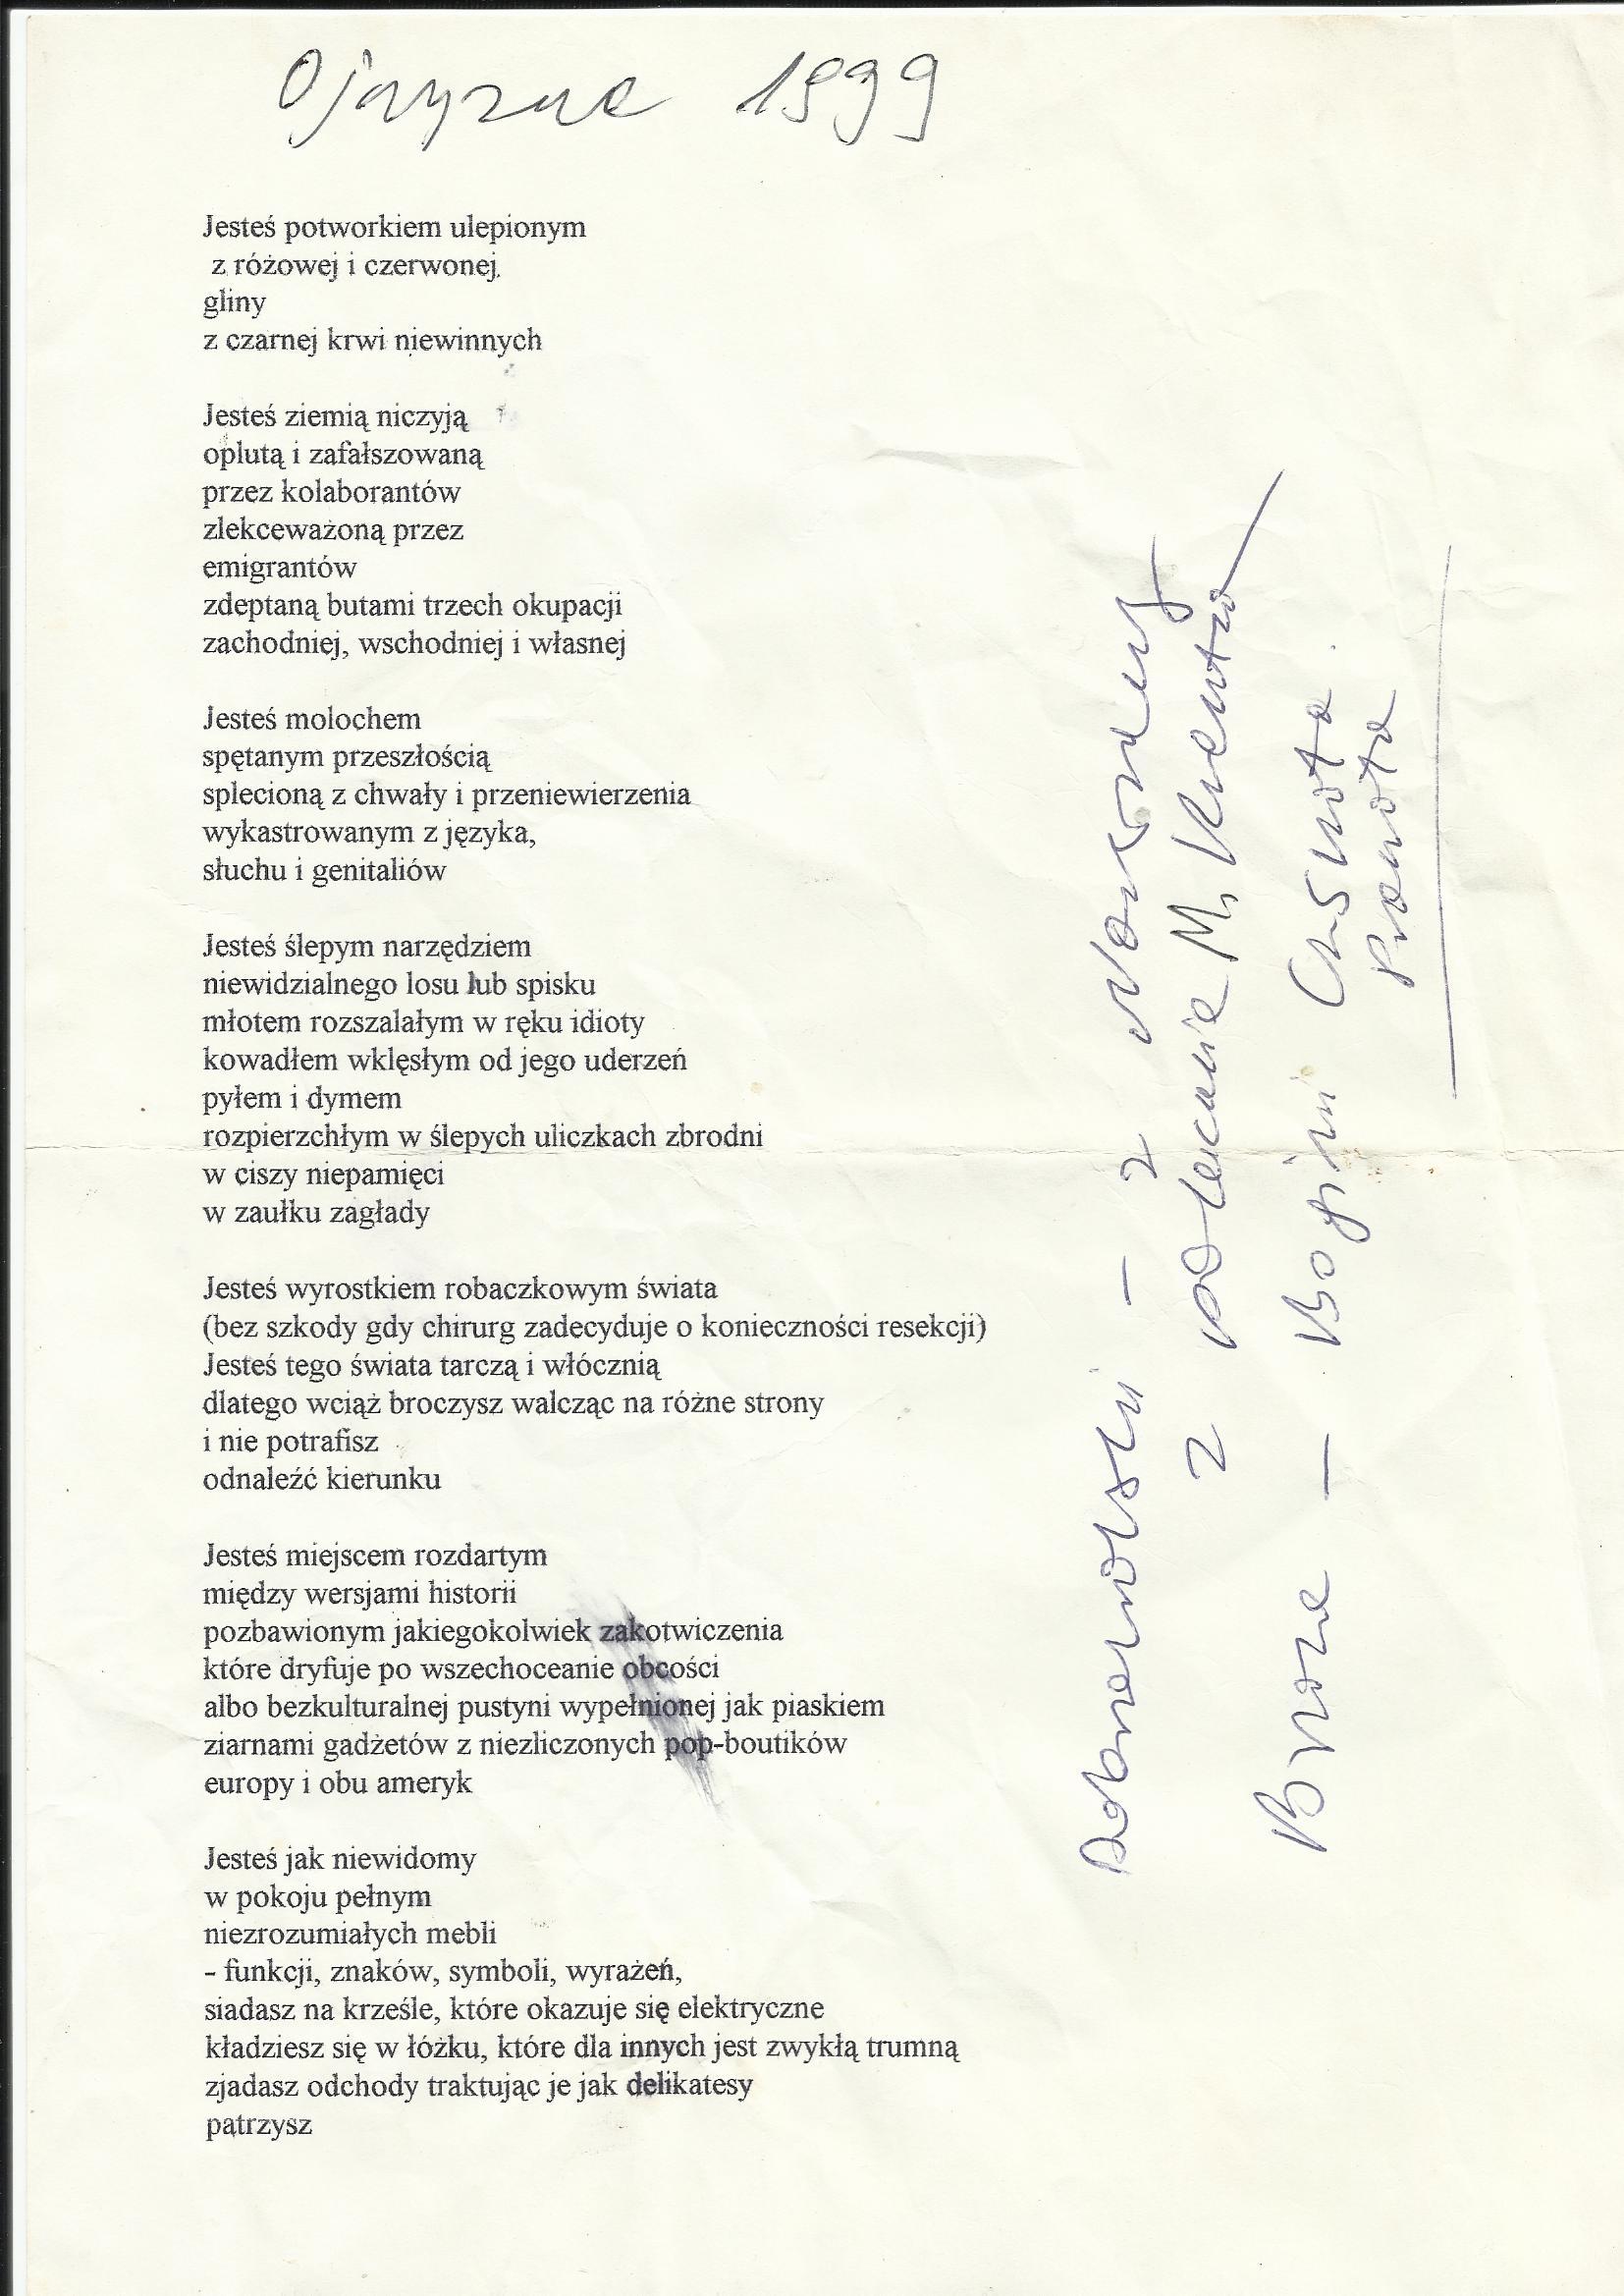 Wiersz Ojczyzna Napisany W Roku 1999 Białczyński